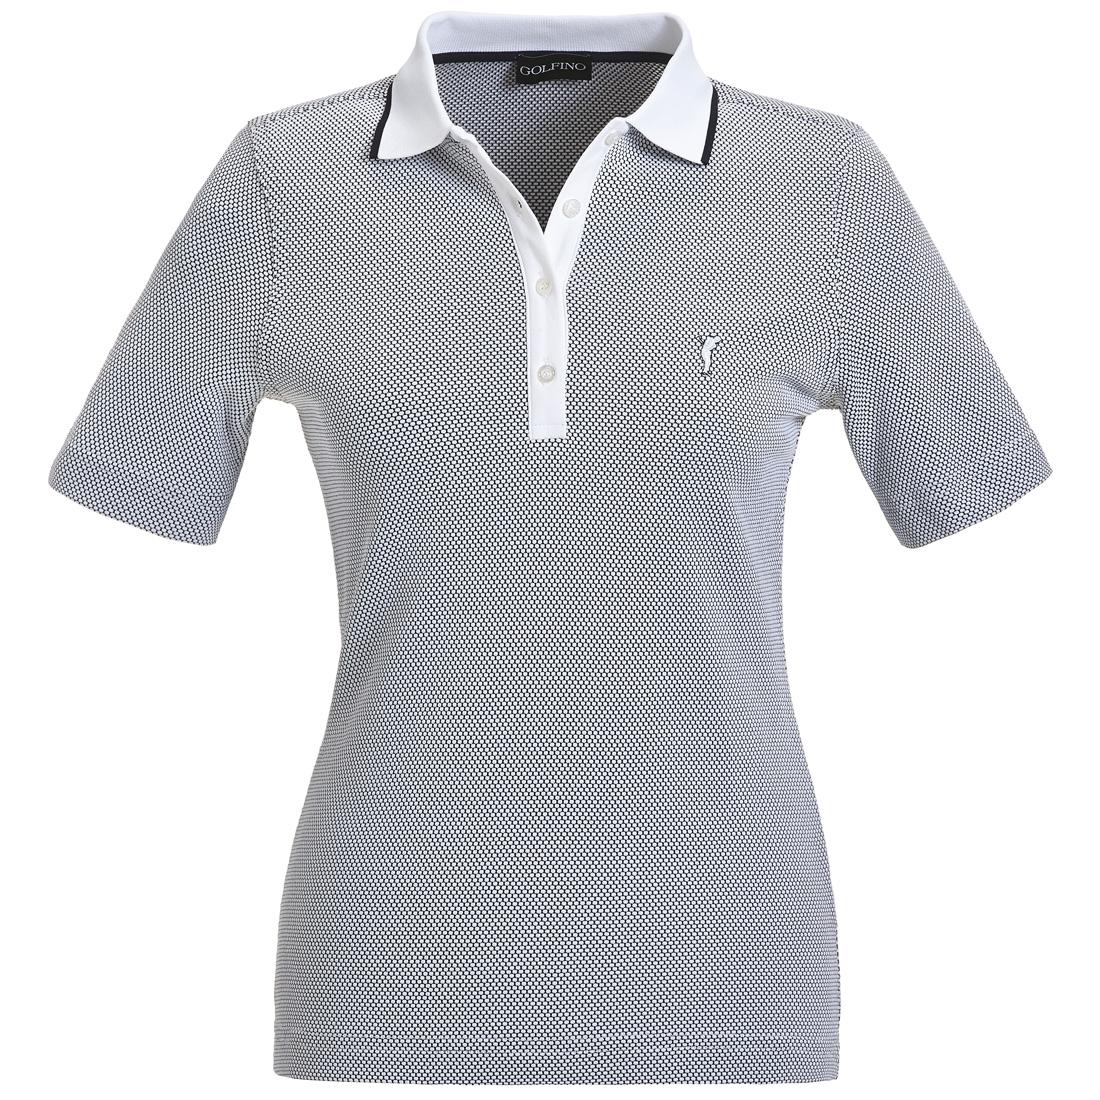 Damen Kurzarm Jacquard Poloshirt